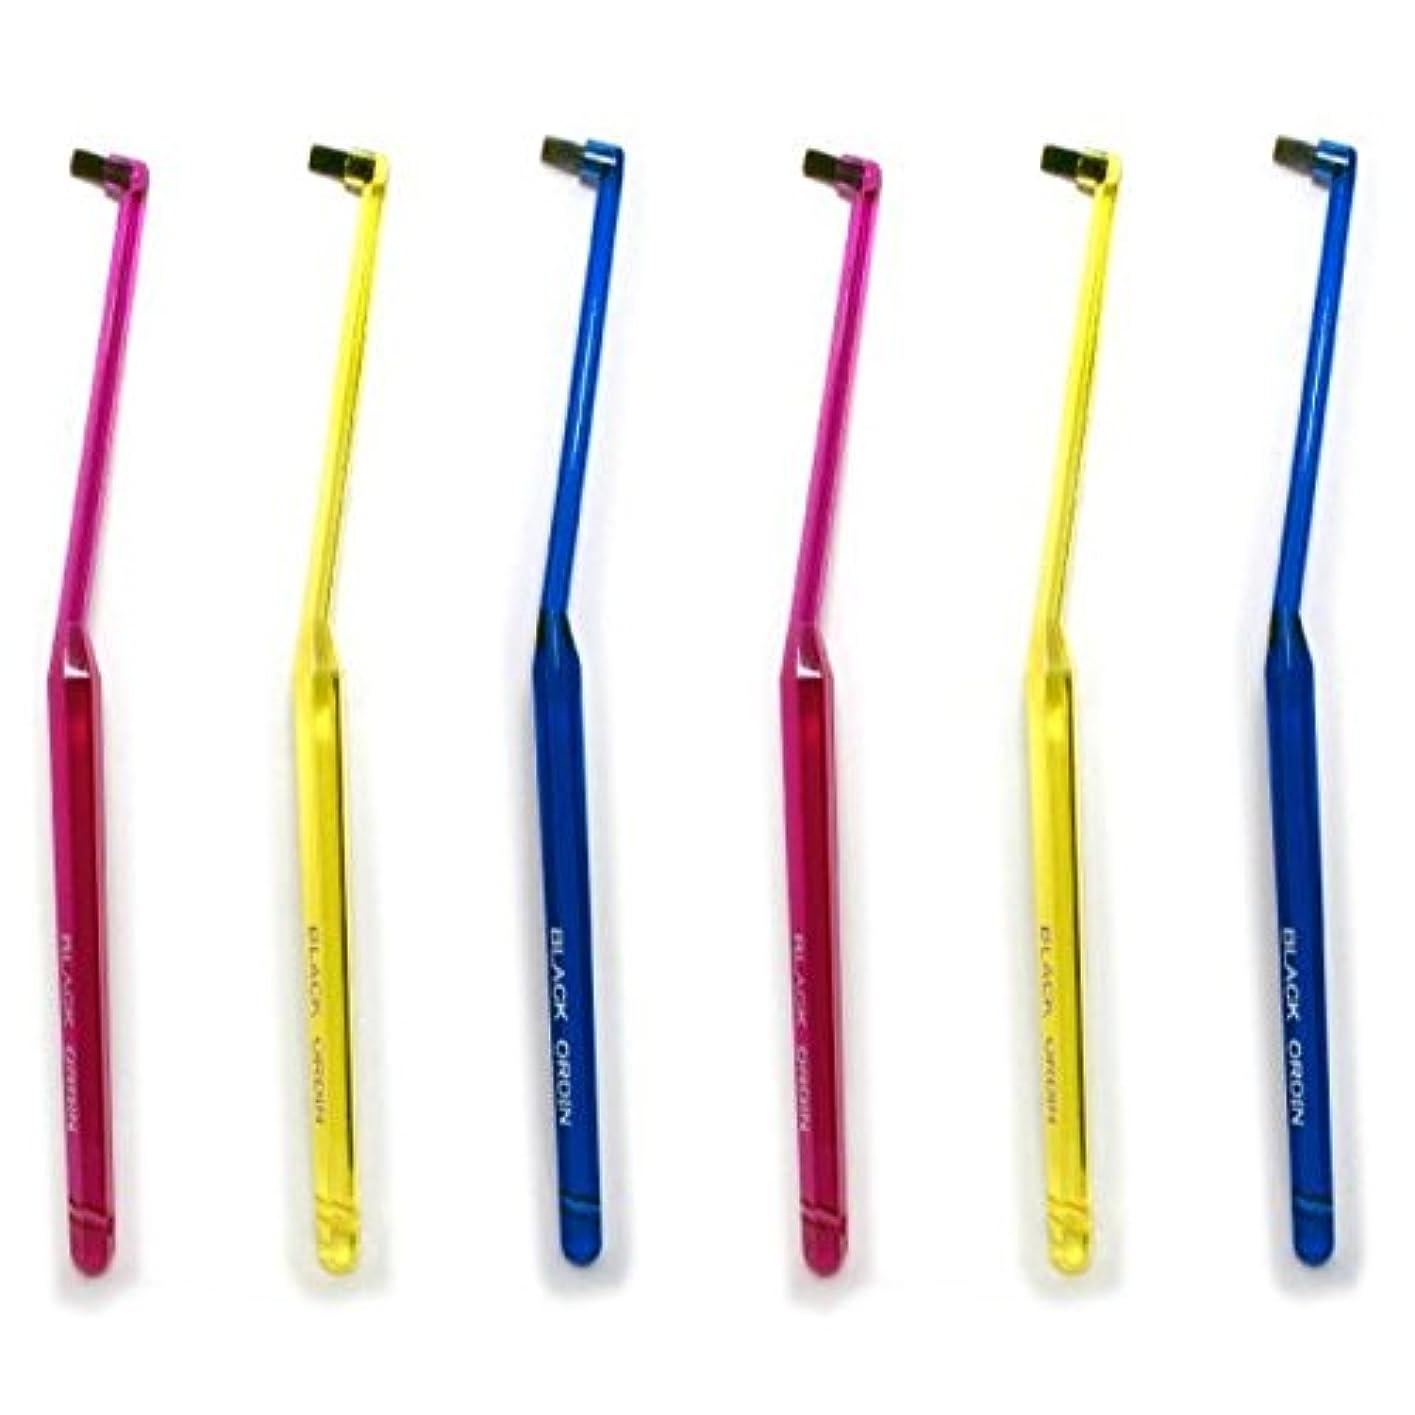 サイクル架空の日付ワンタフトブラシ ブラックオーディン ワンタフト×6本セット 部分用歯ブラシ 歯磨き 歯ブラシ